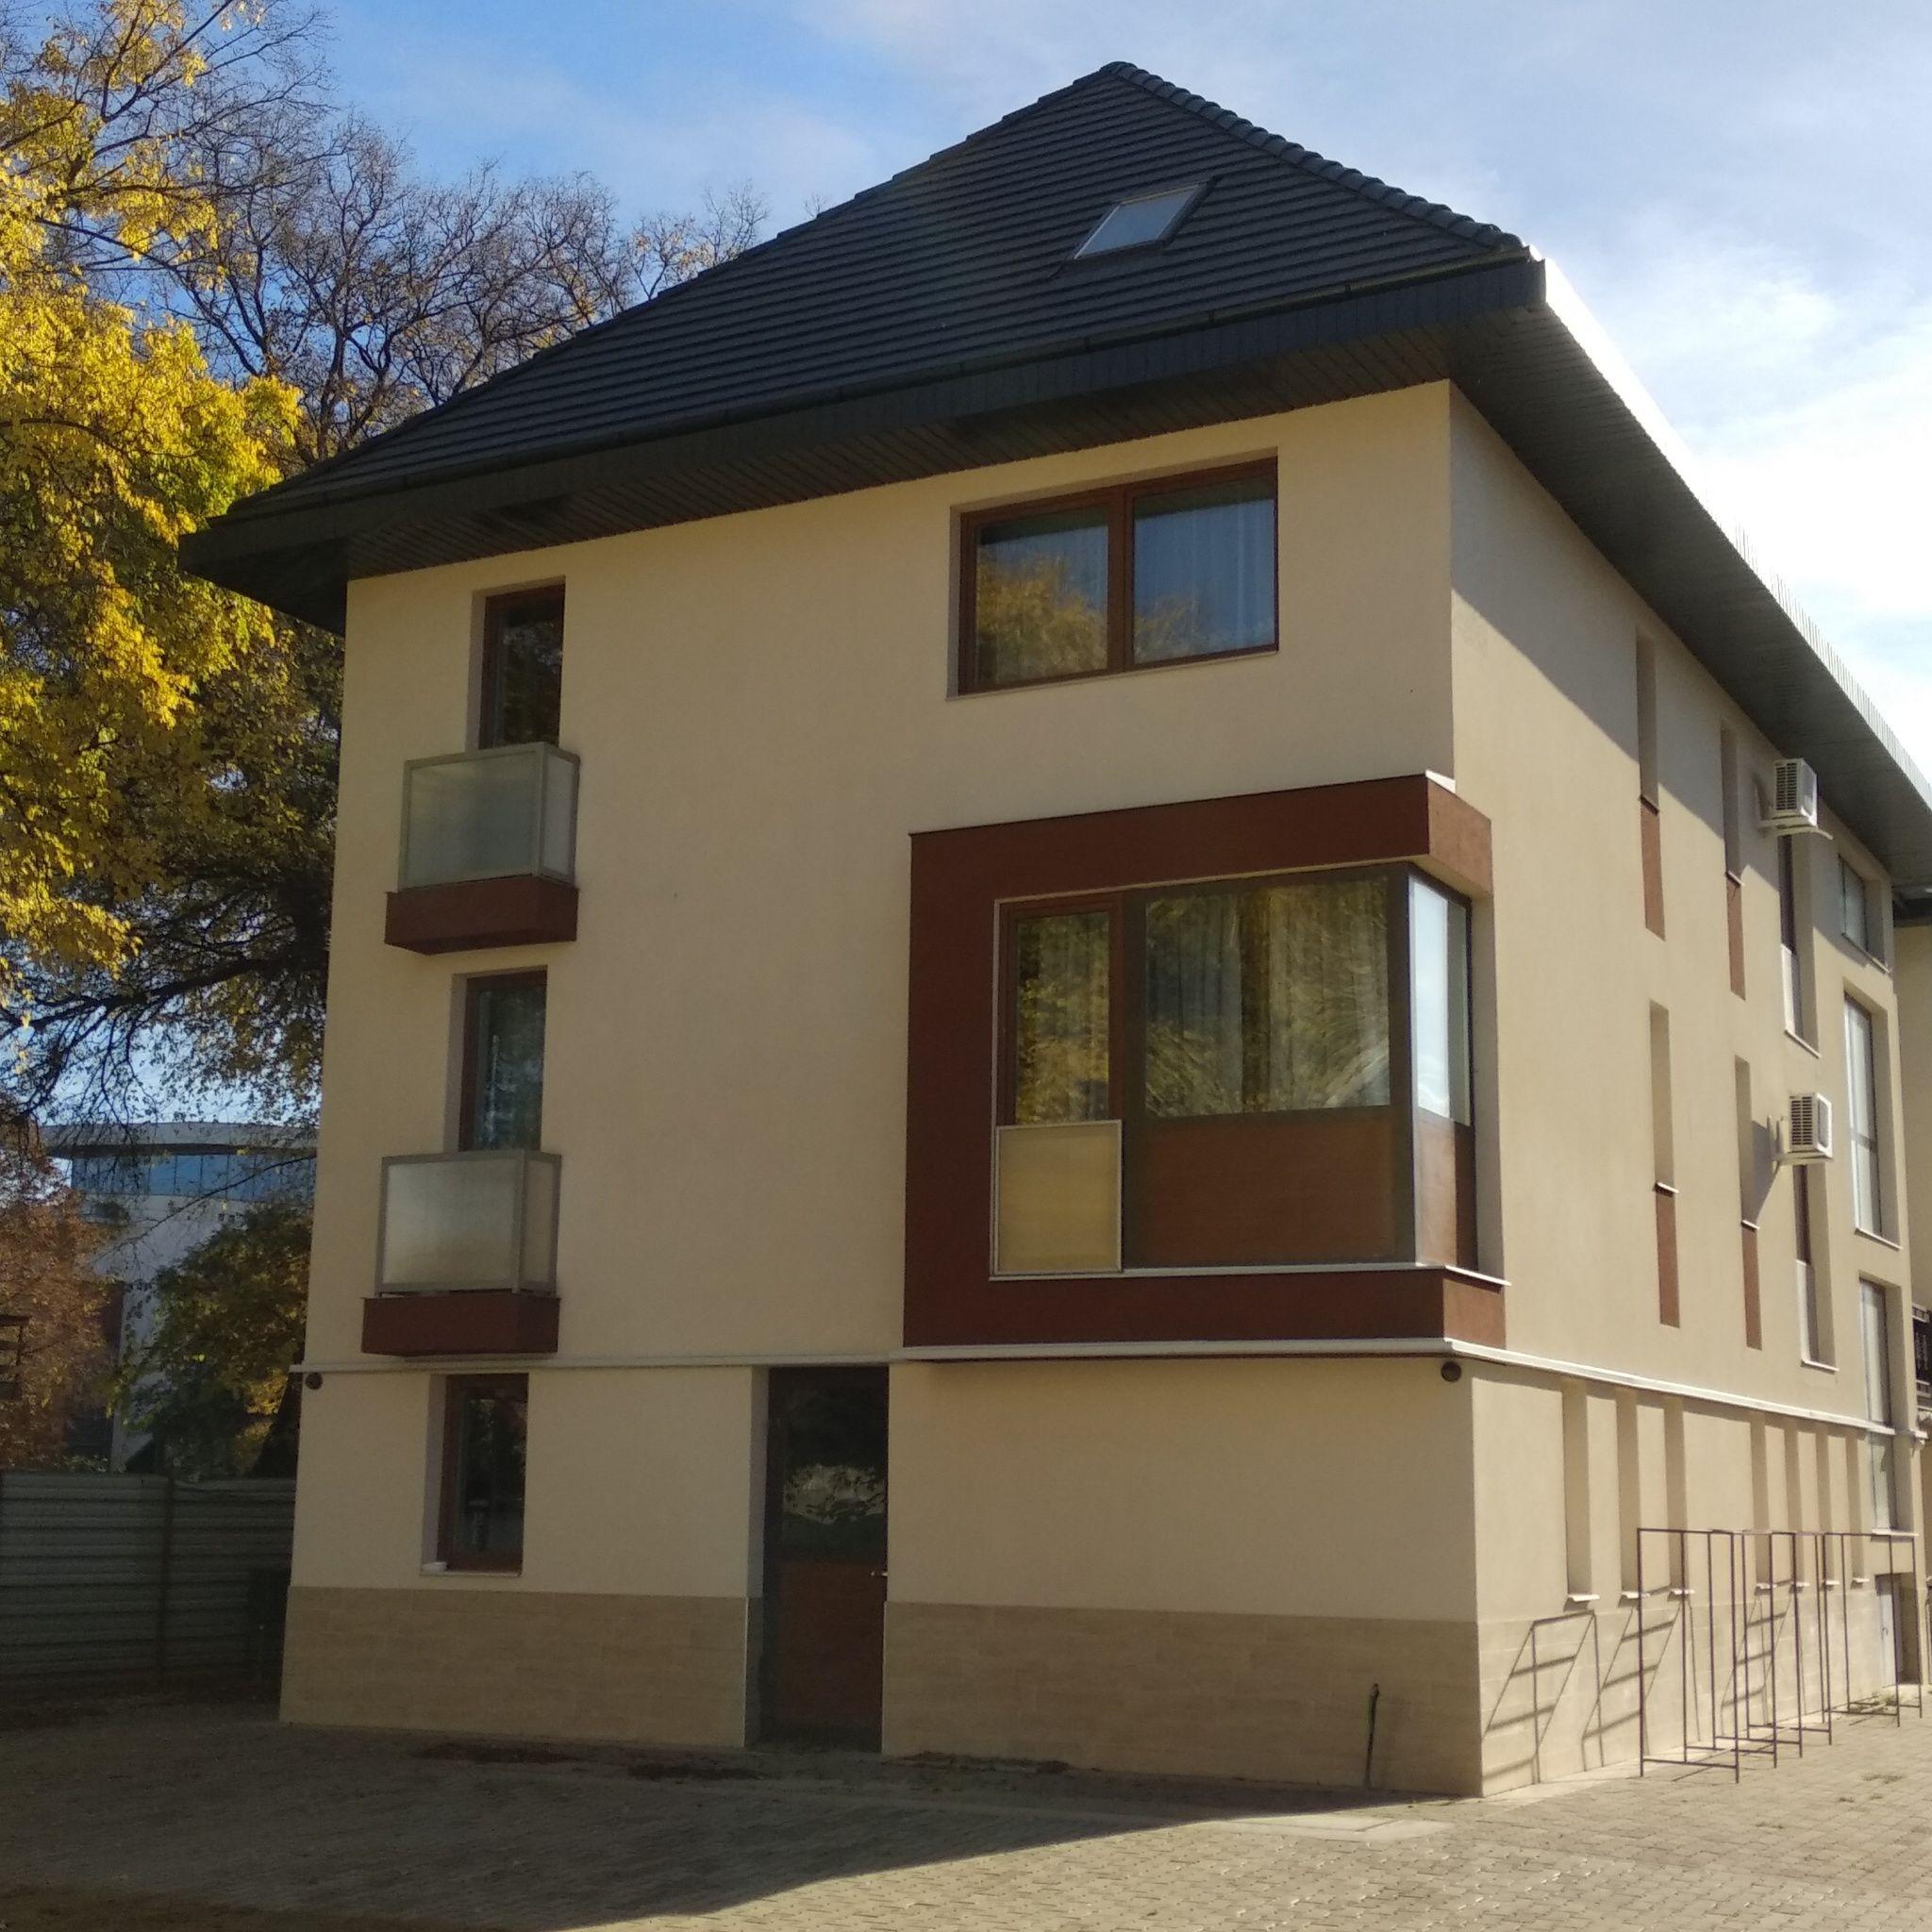 aca4fc0f20 Debrecen vendégházak - 141 ajánlat - Szallas.hu